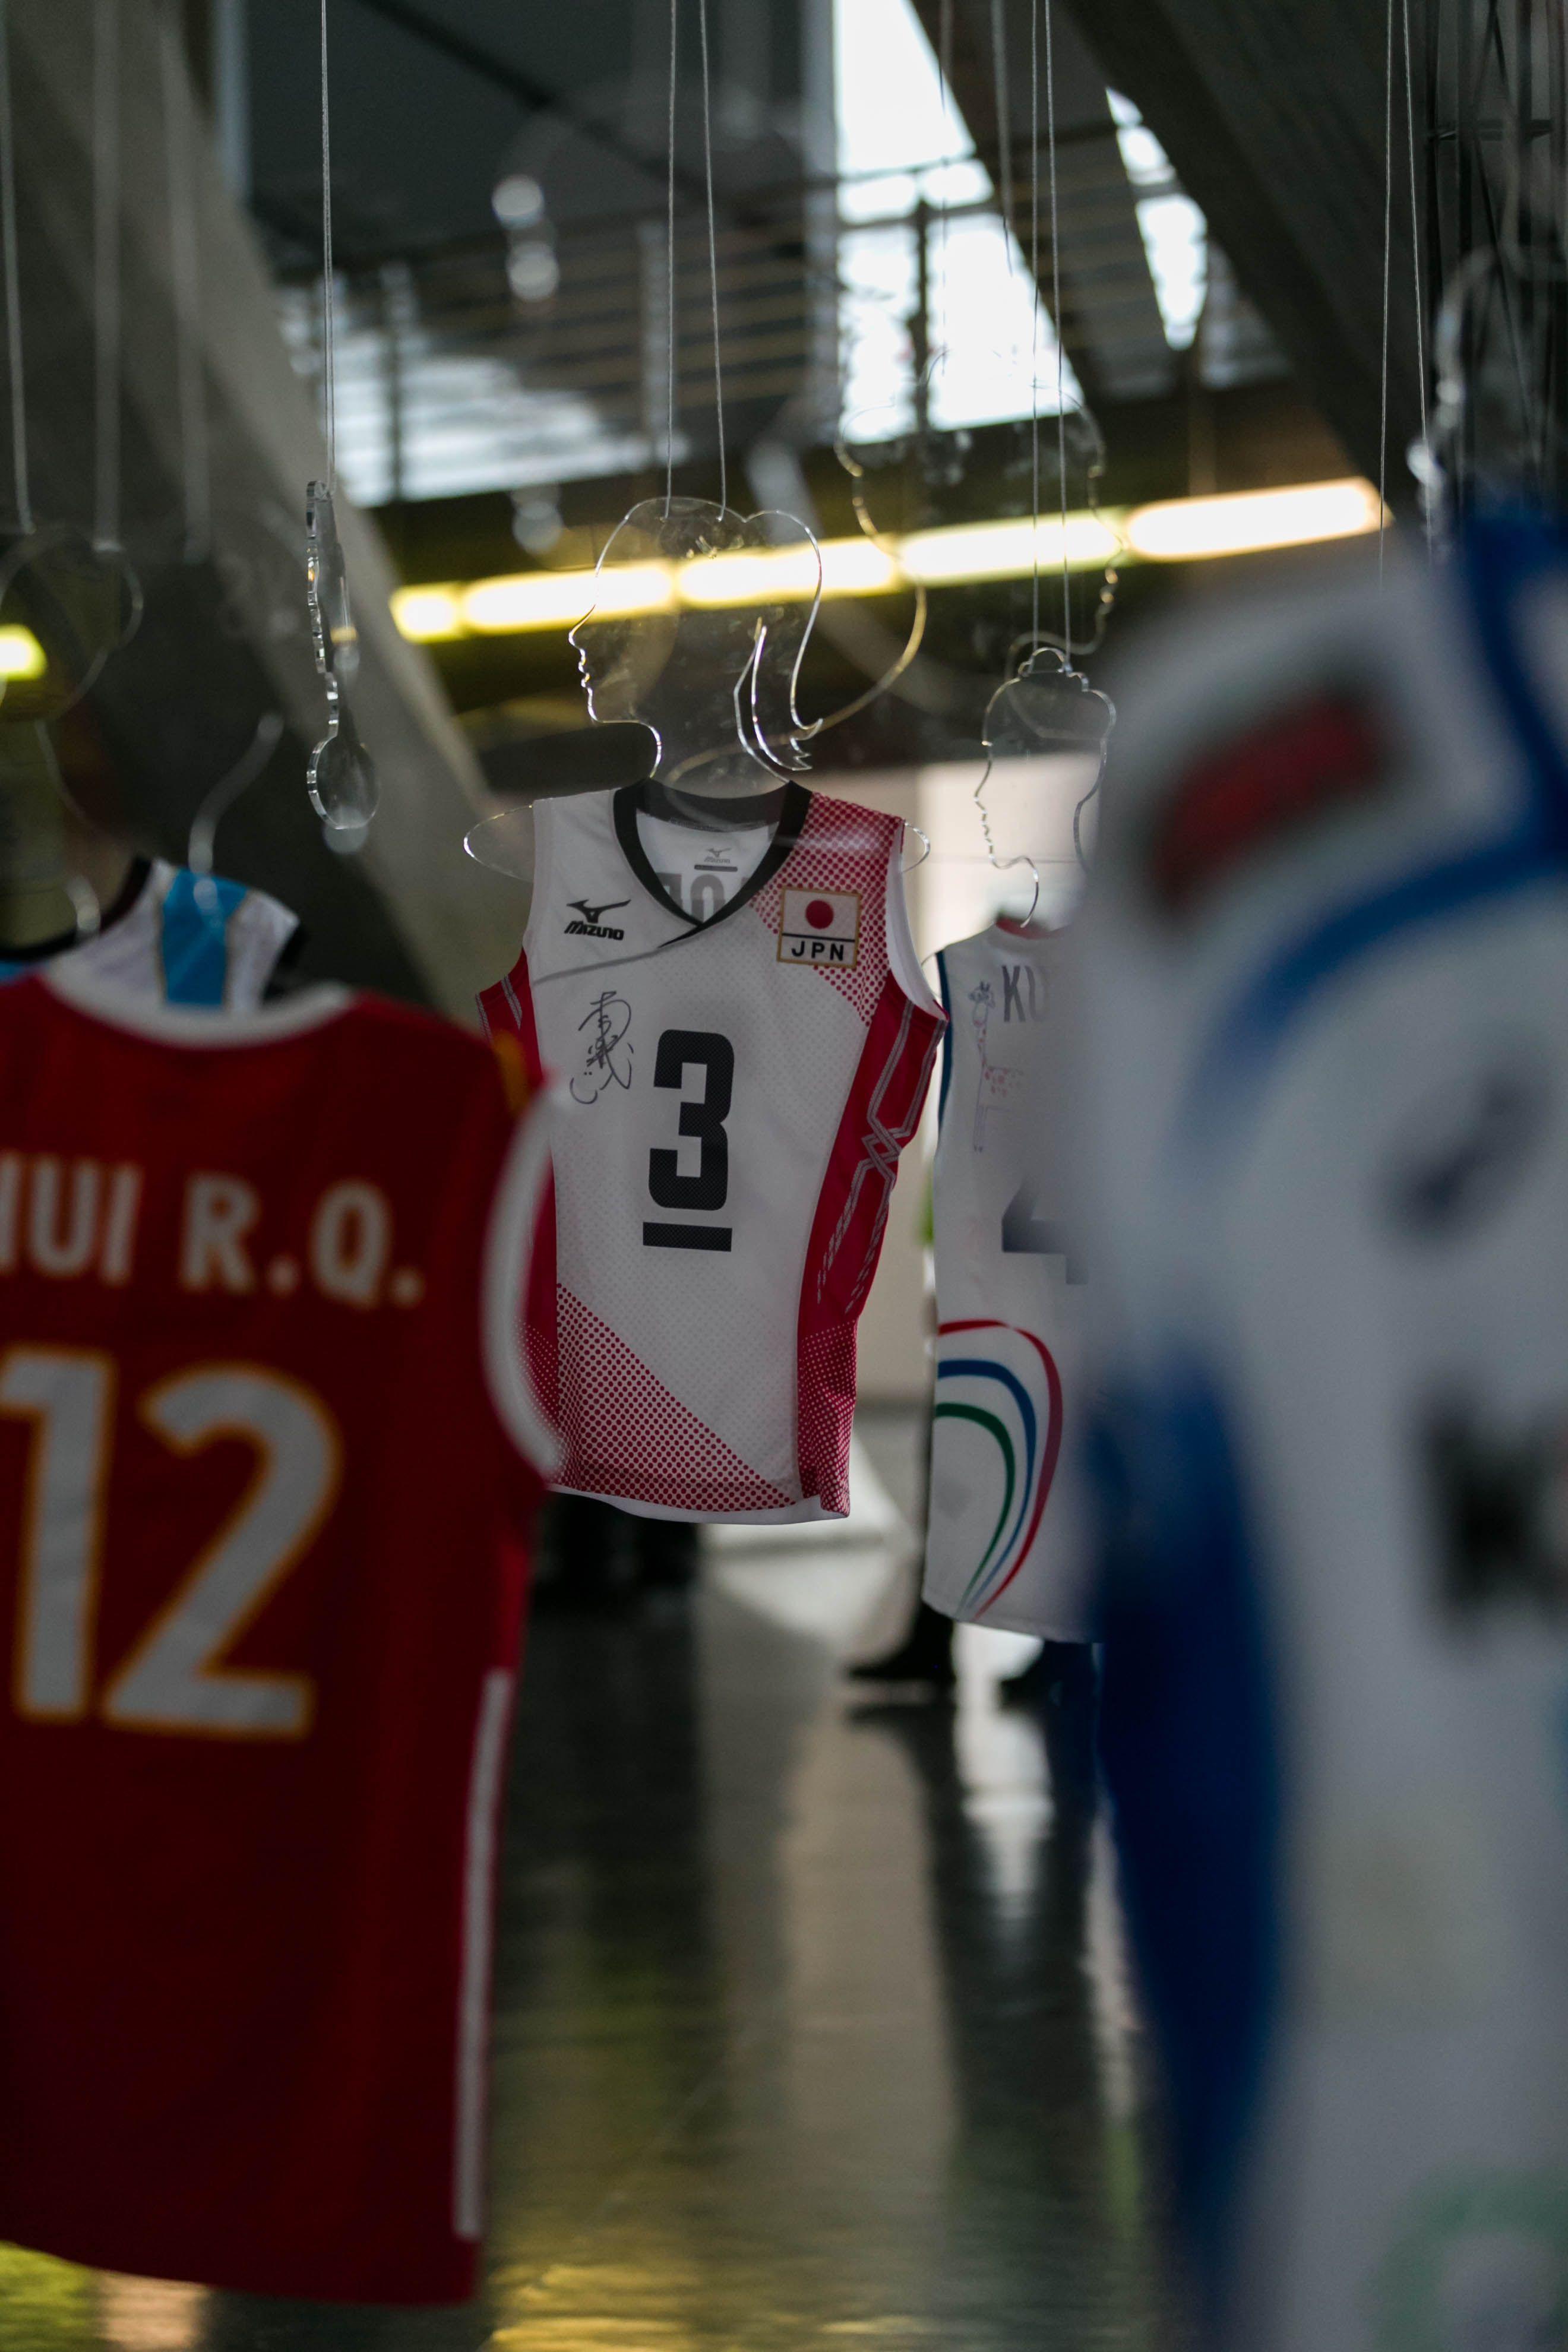 La Nazionale giapponese con la sua maglietta ufficiale.